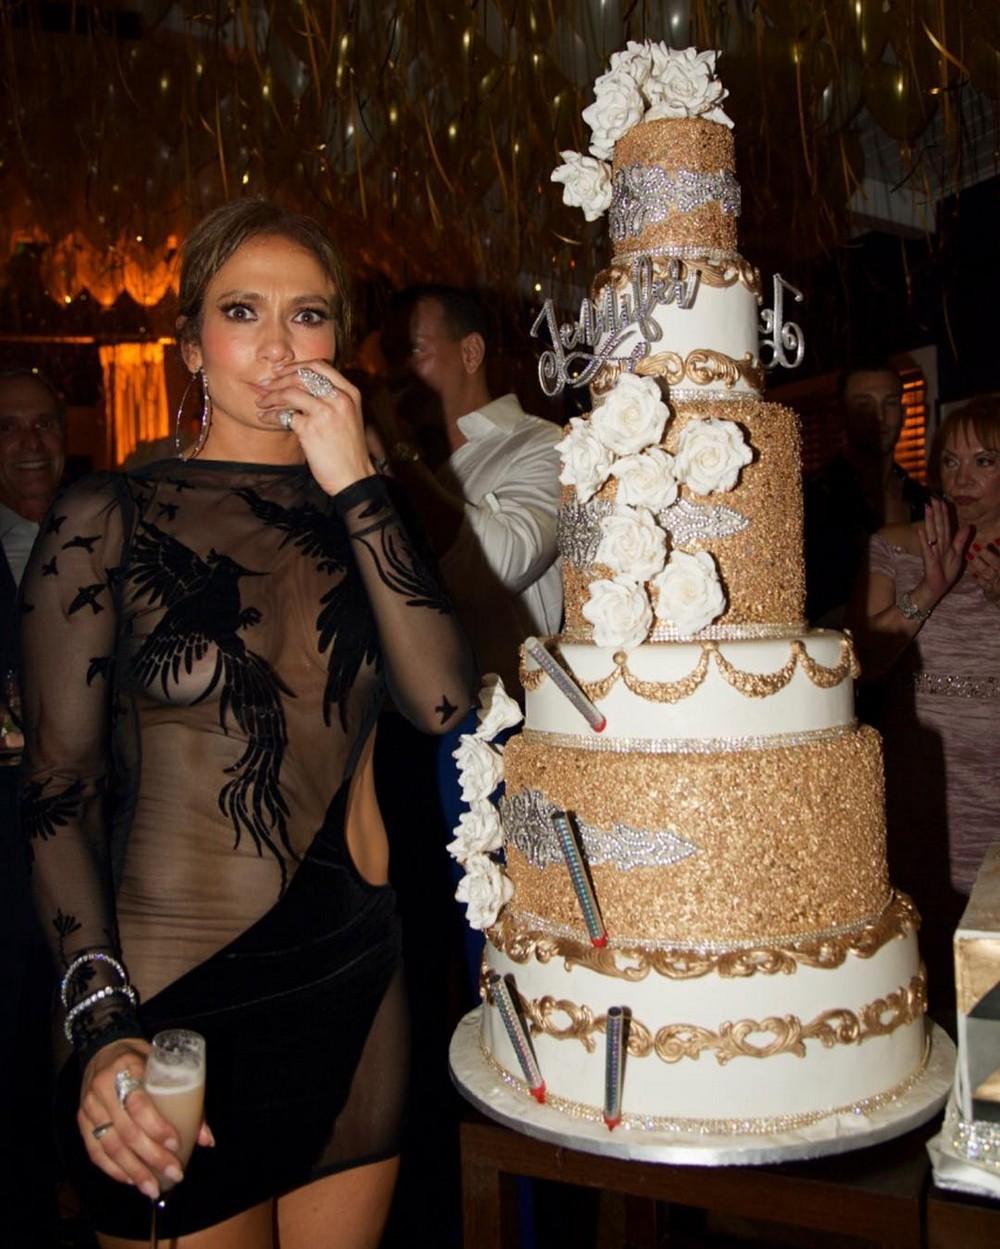 Дженнифер Лопес отметила 48-й День рождения